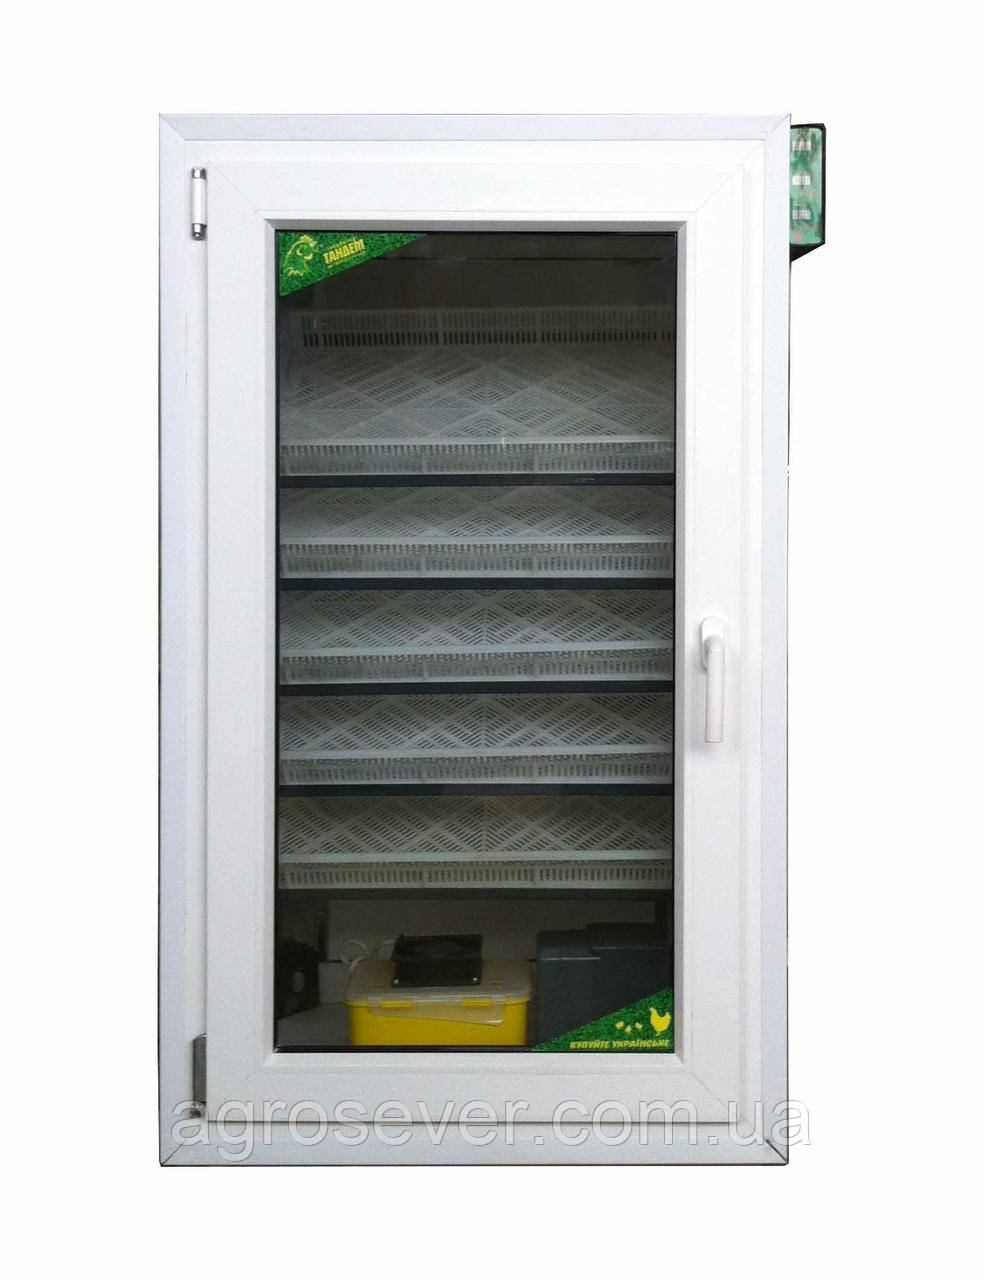 Инкубатор промышленный Тандем - 550 (на 550 куриных яиц)